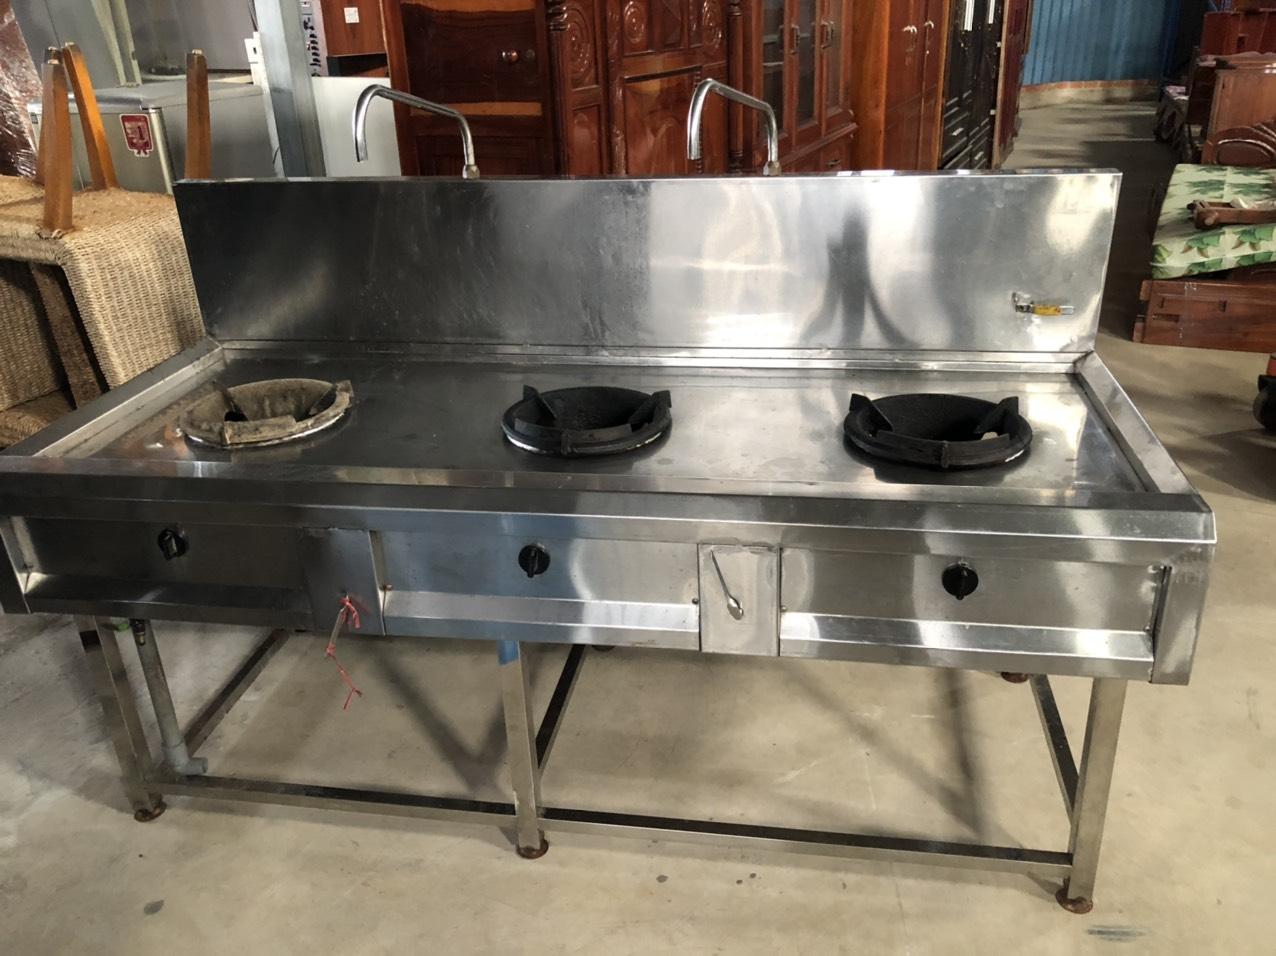 Thanh lý bếp á 3 họng giá rẻ SP001045